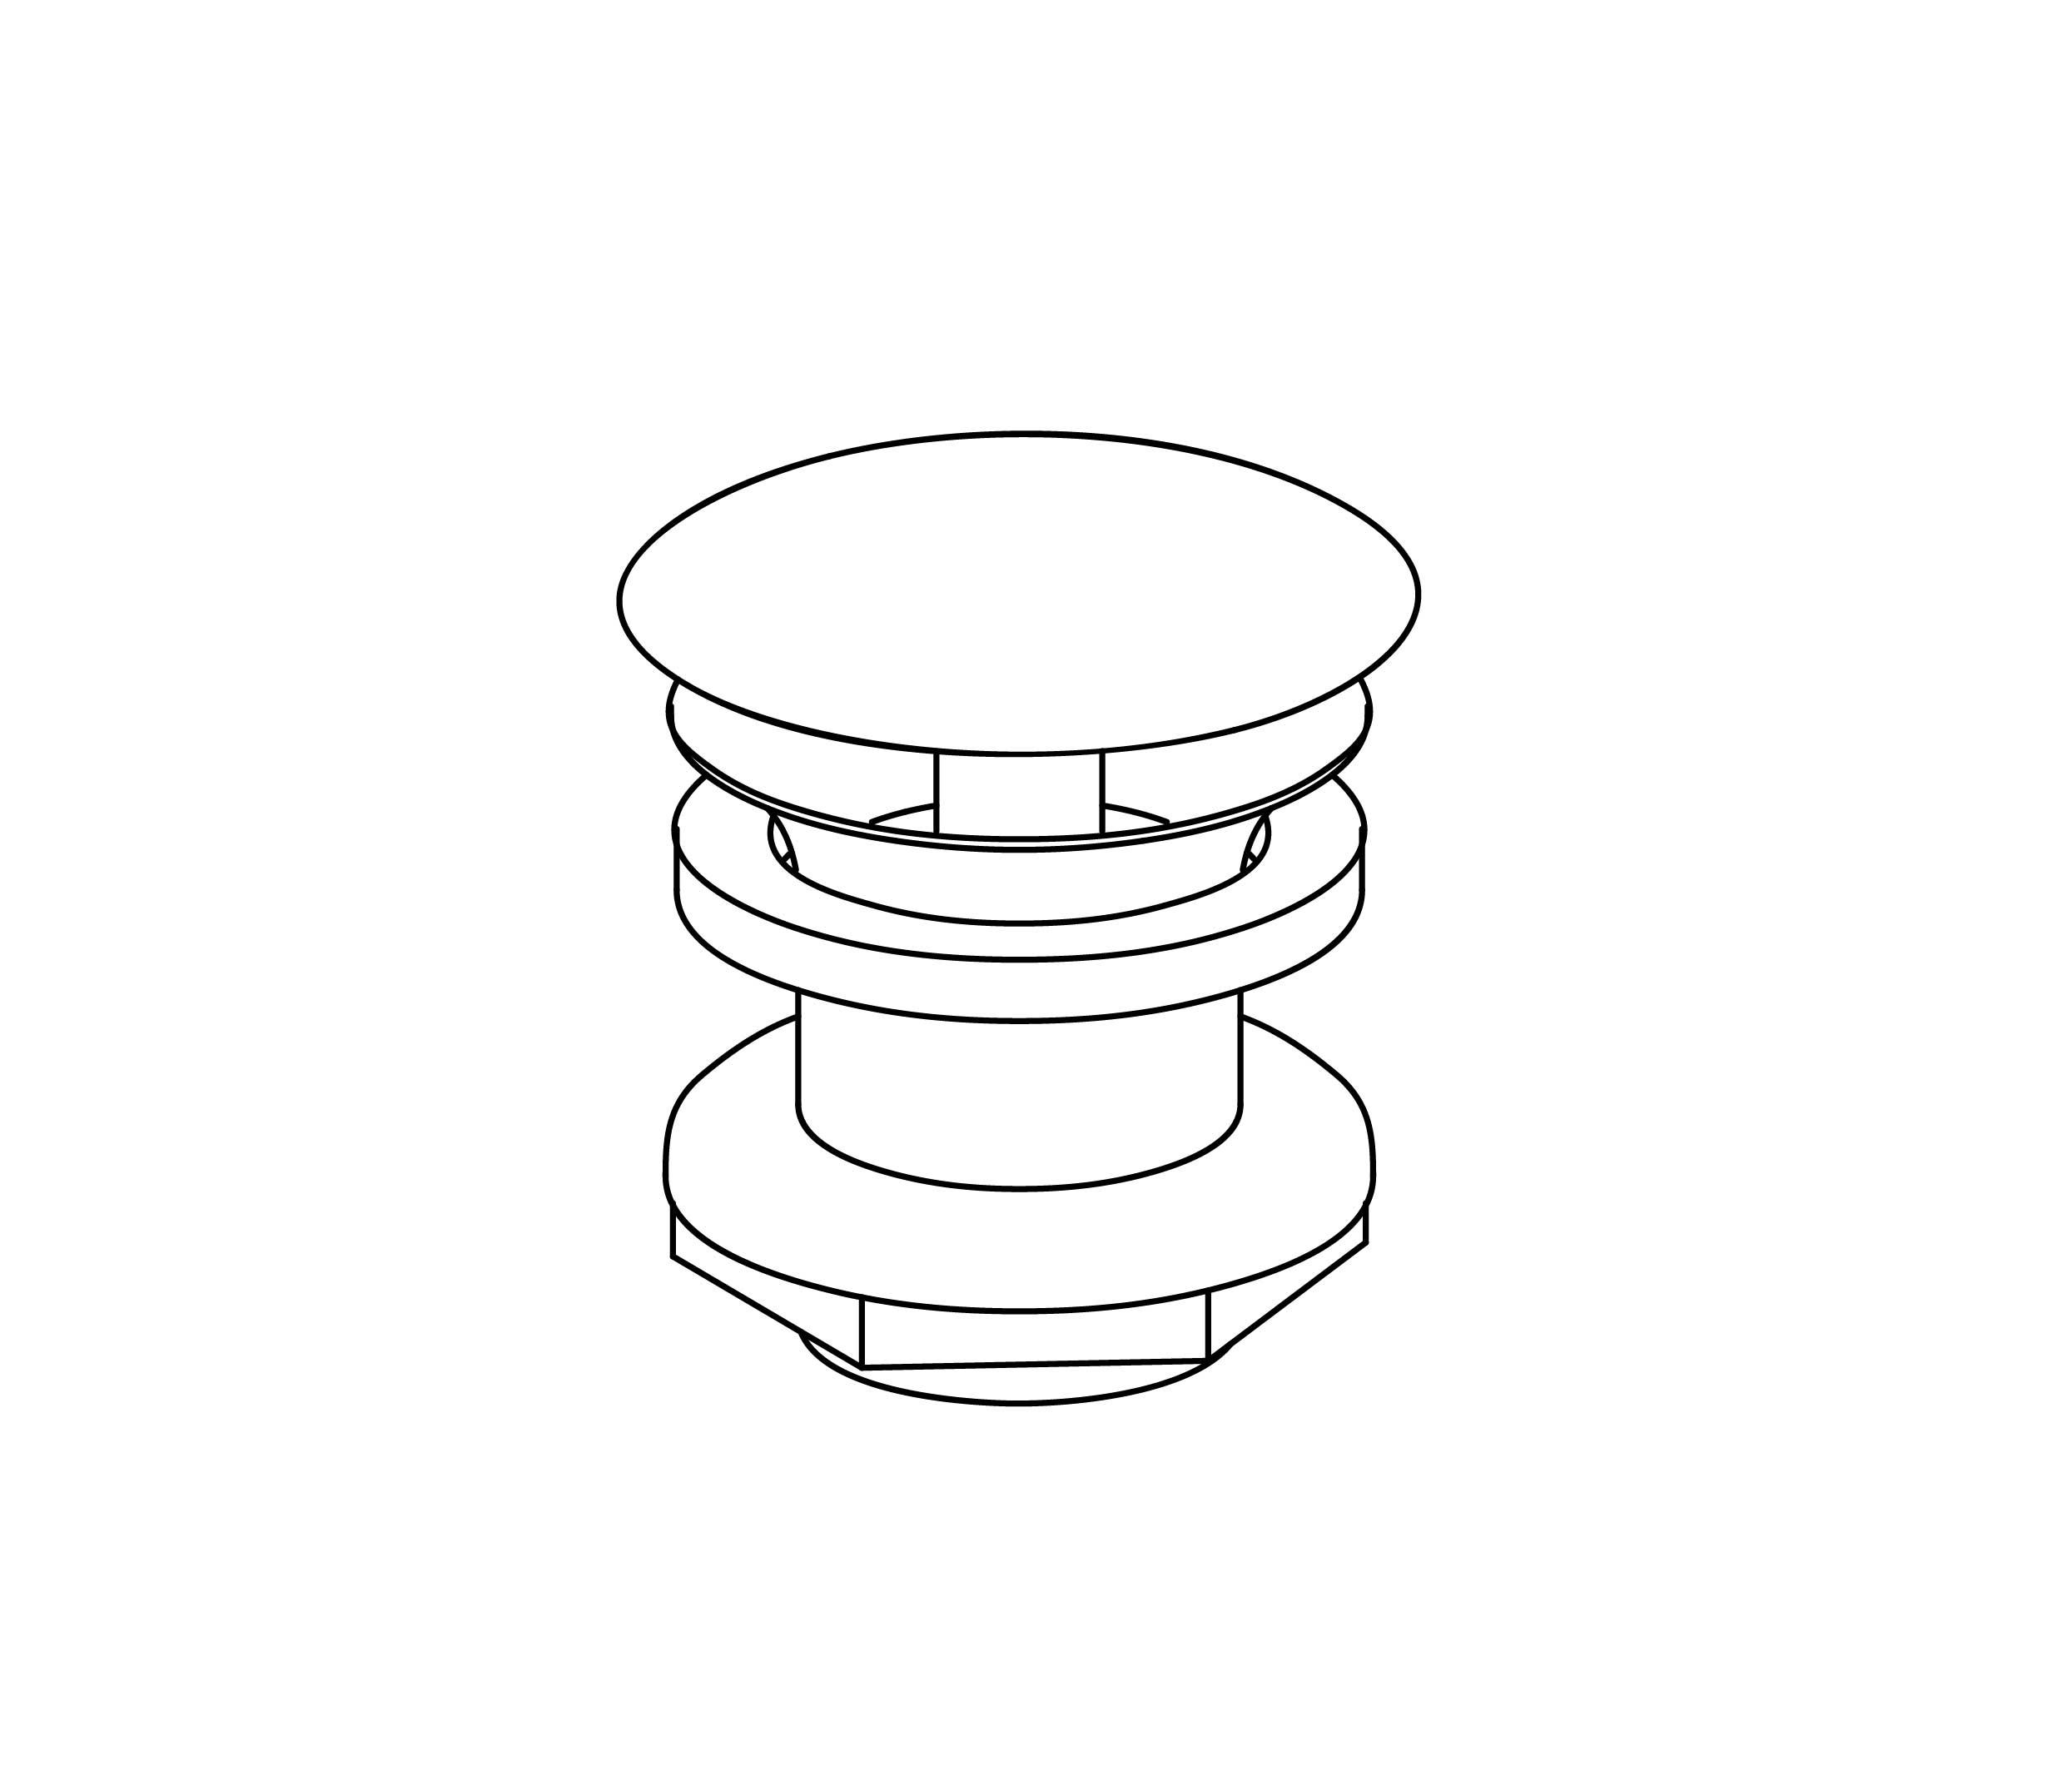 S00-111 Round waste, free flow